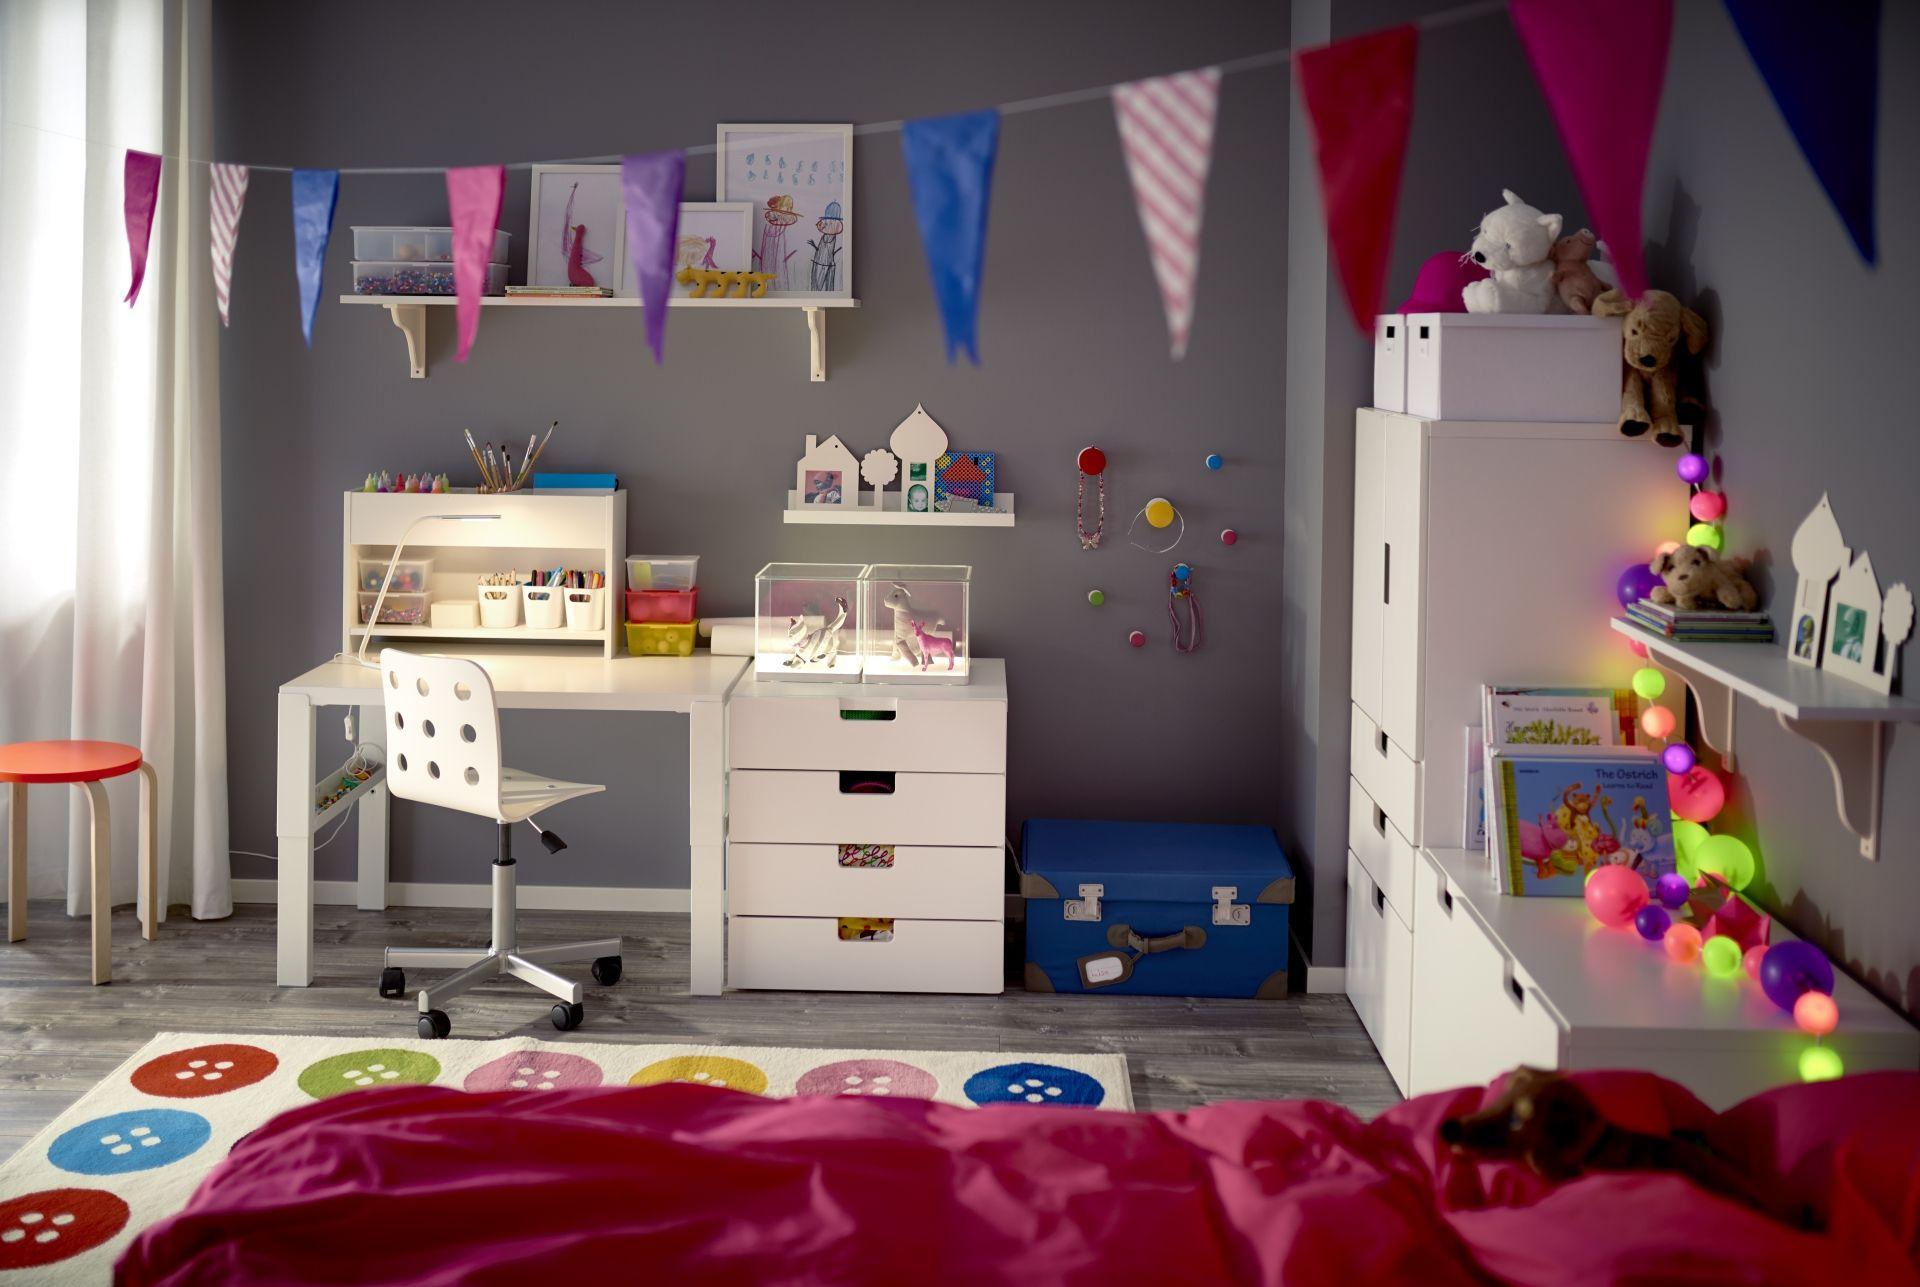 PÅhl bureau met opbouwdeel wit kids rooms bureaus